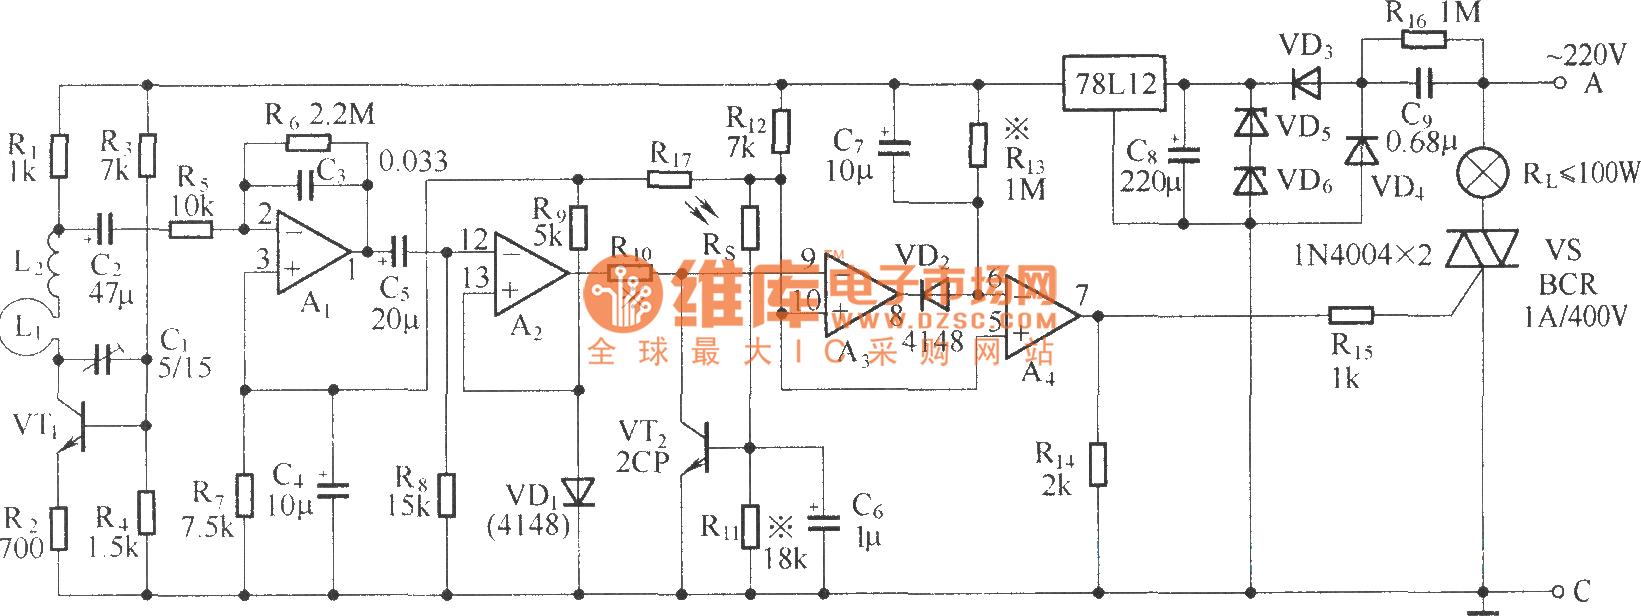 雷达式节能灯座电路原理图-遥控电路